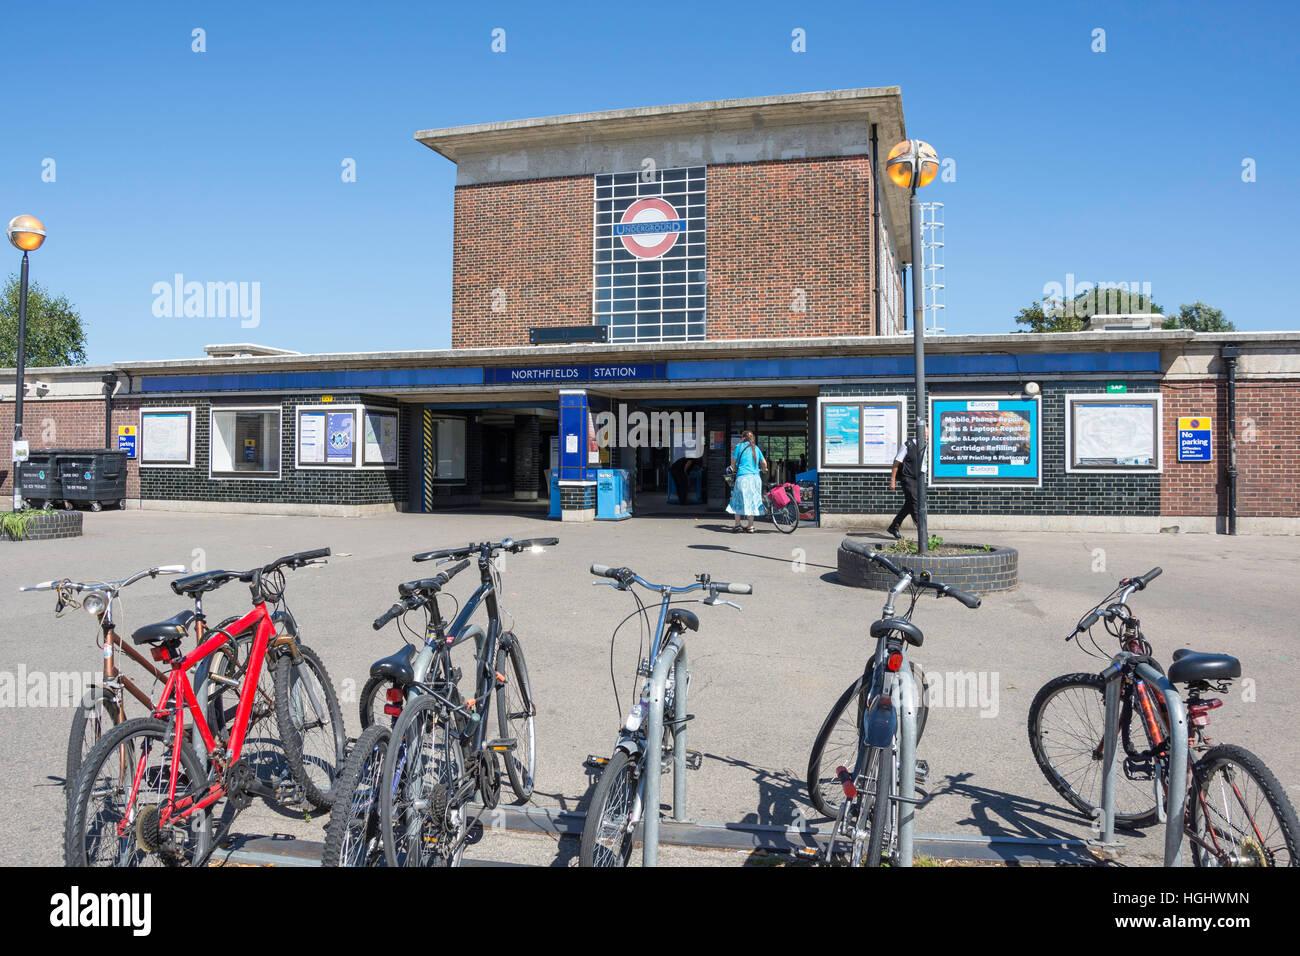 Entrance to Northfields Underground Station, Northfields, London Borough of Ealing, Greater London, England, United - Stock Image